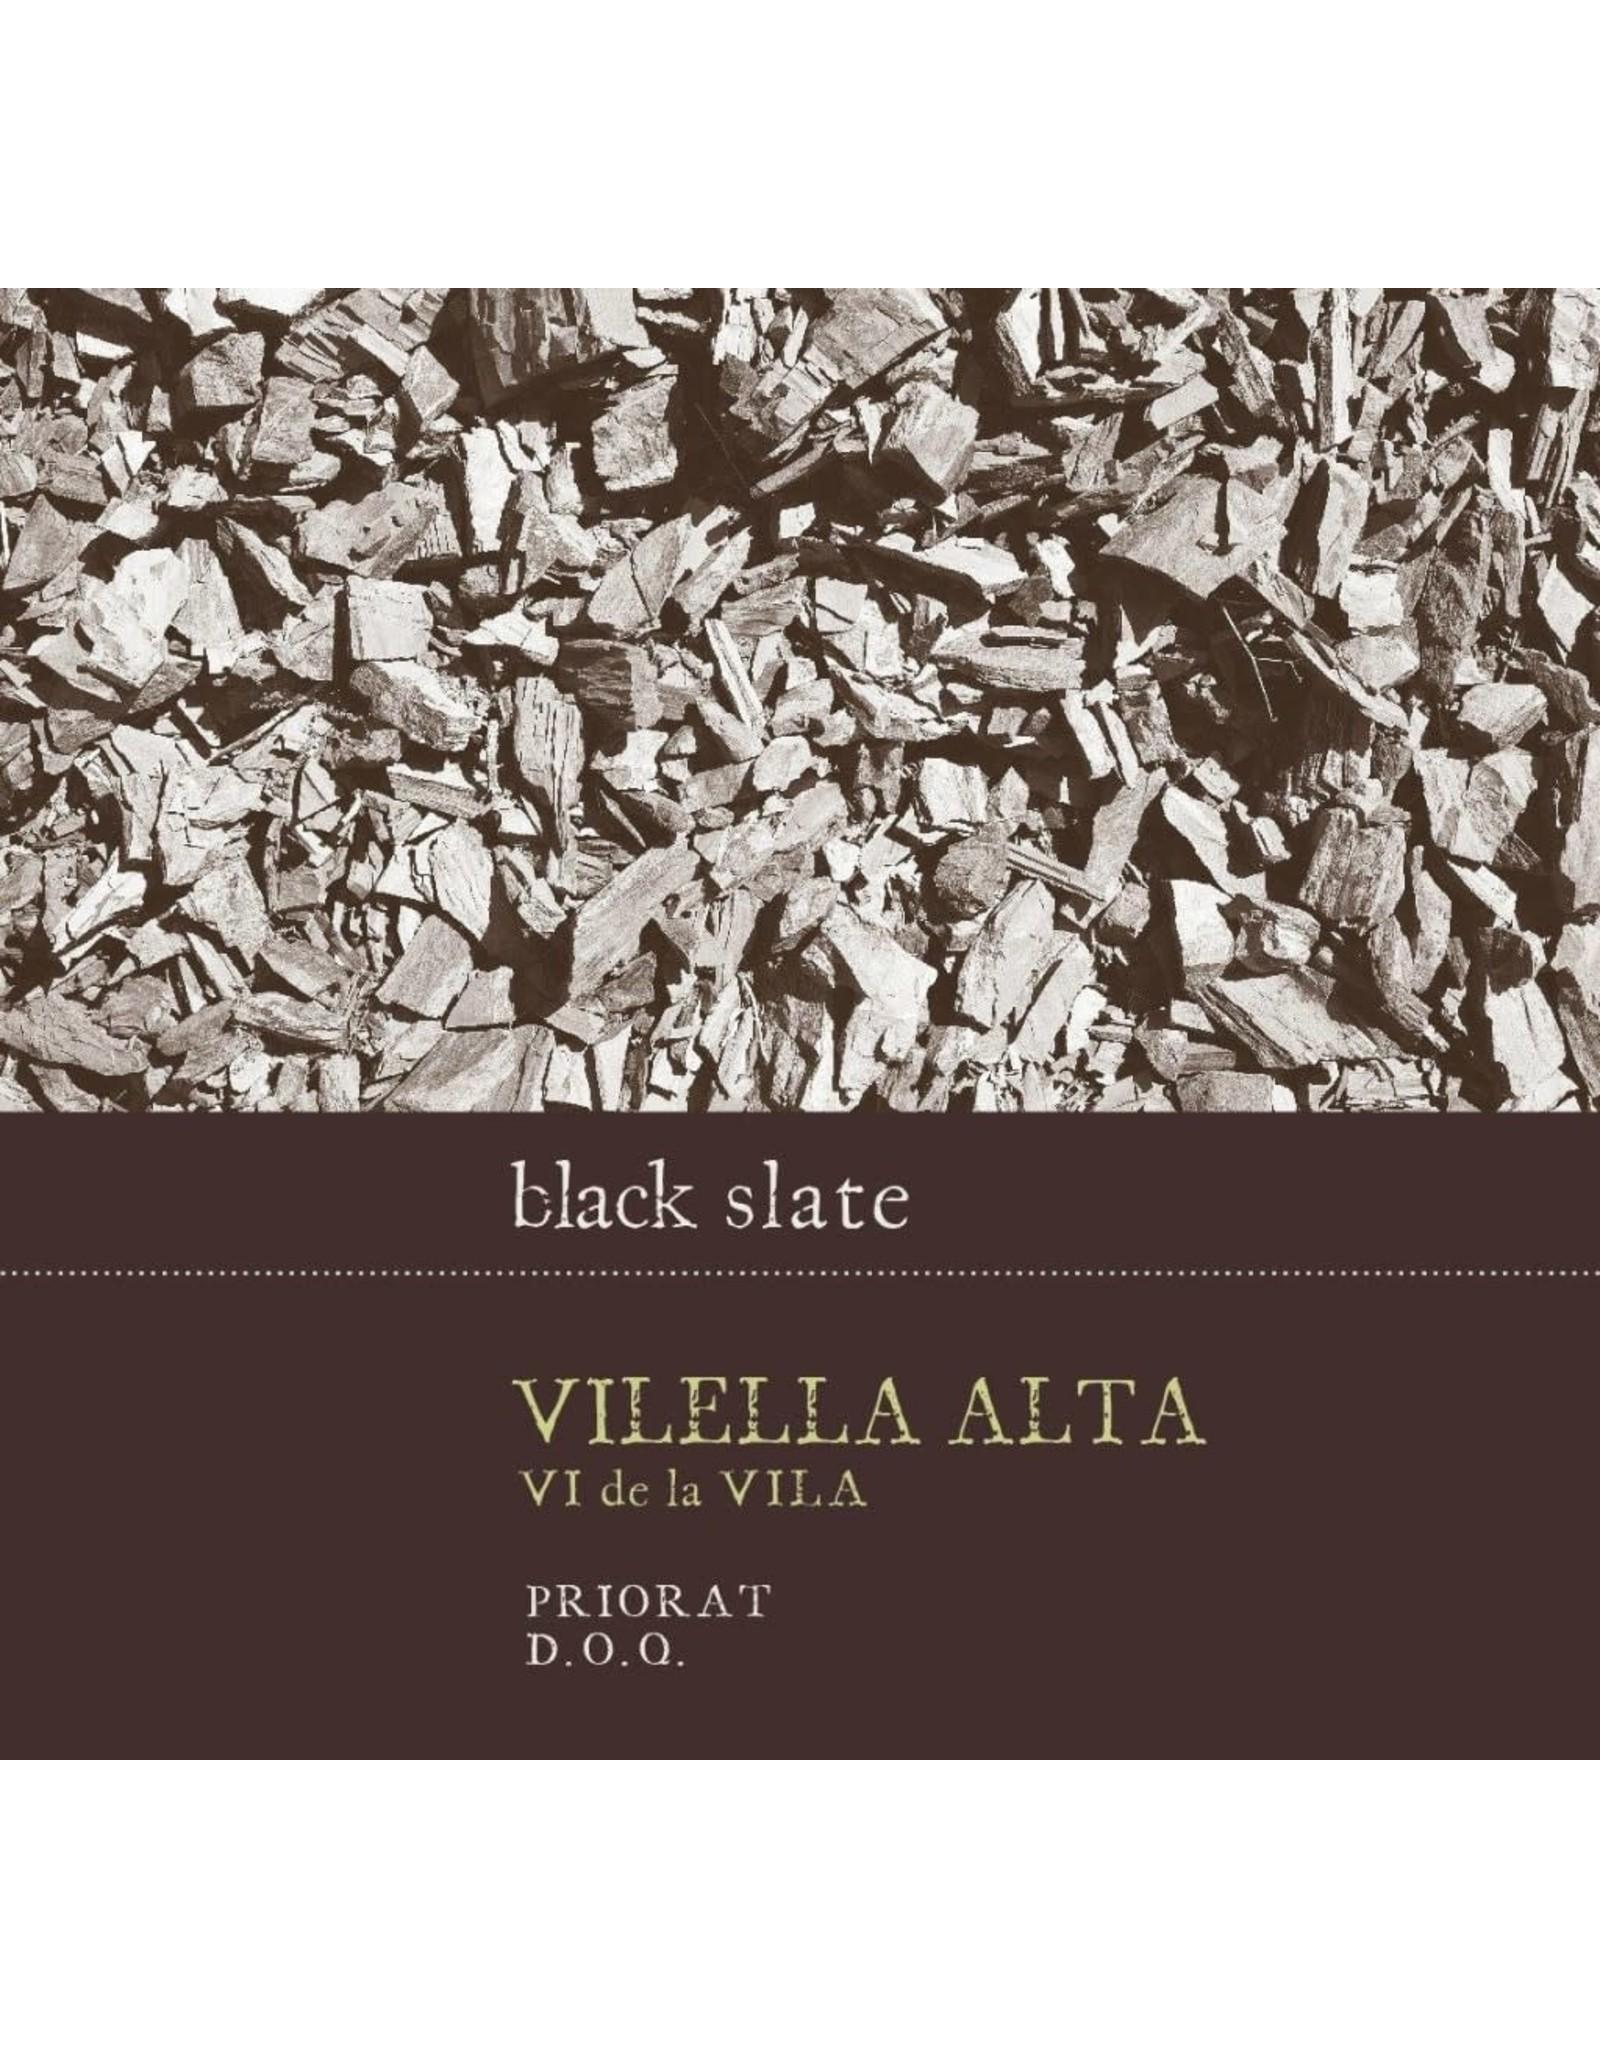 Bodegas Mas Alta Bodegas Mas Alta Black Slate La Vilella Alta 2017